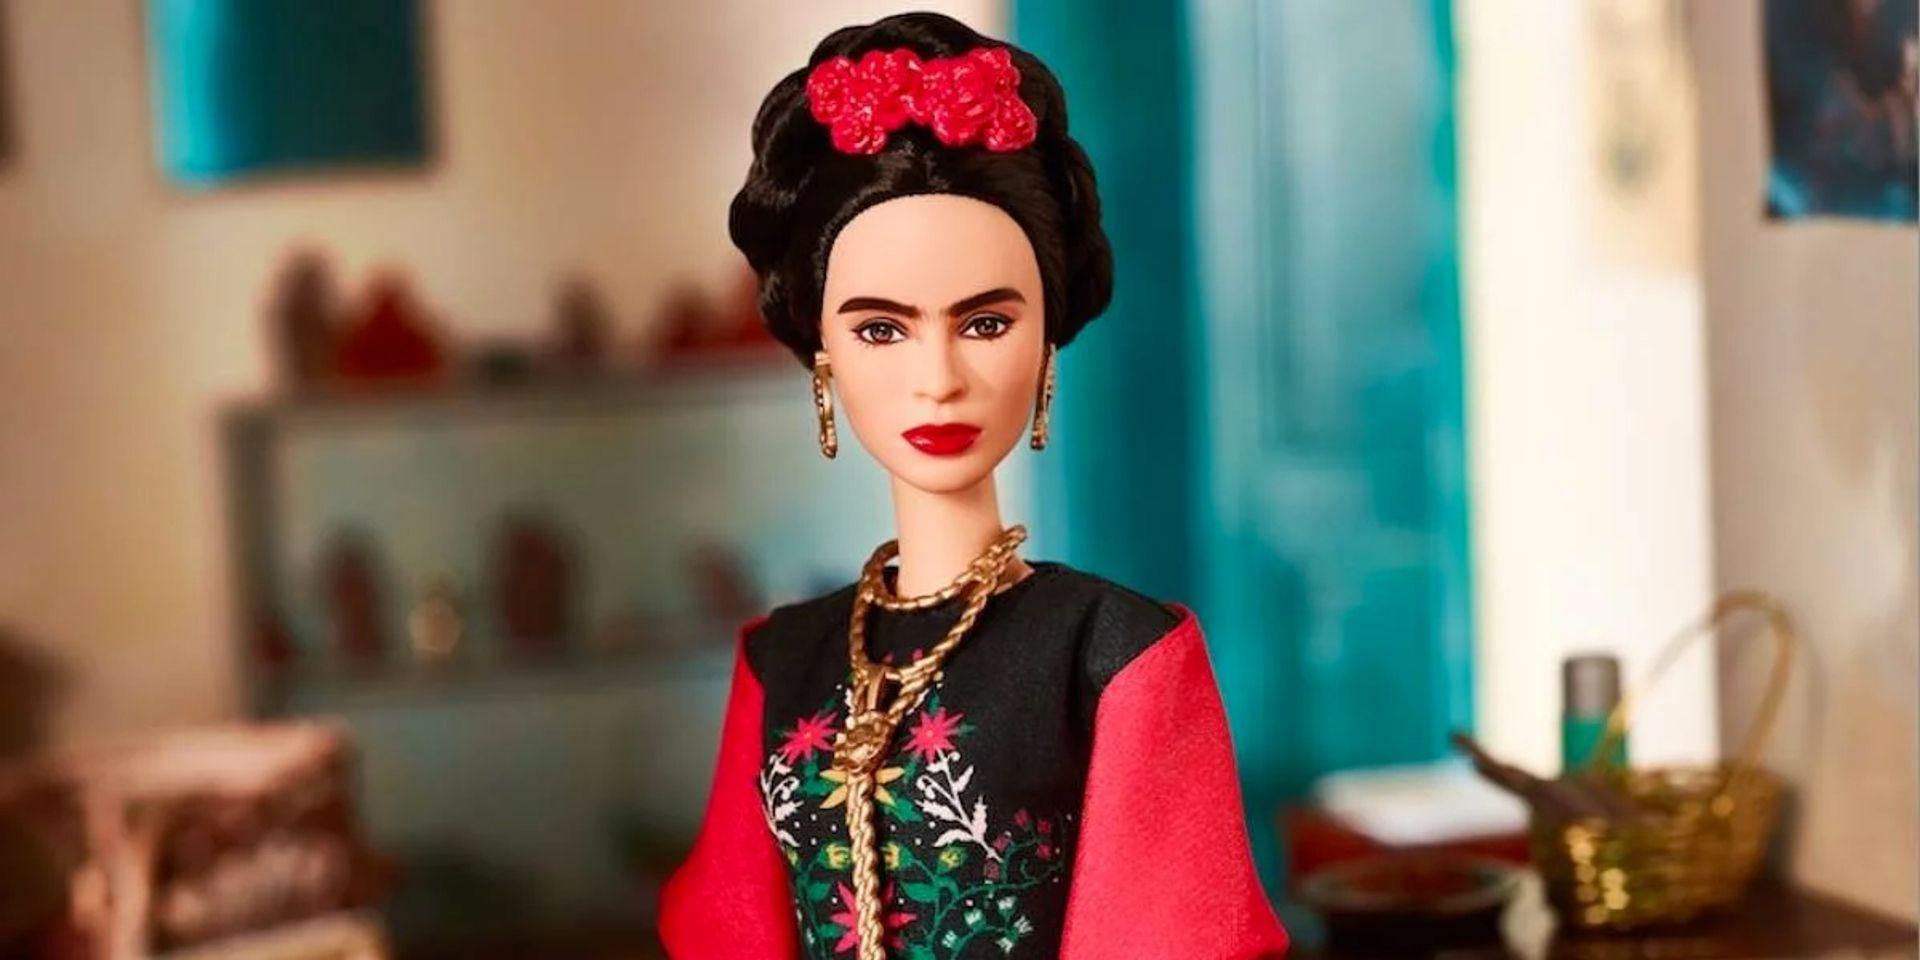 The Frida Kahlo Barbie Photo: Courtesy of Mattel